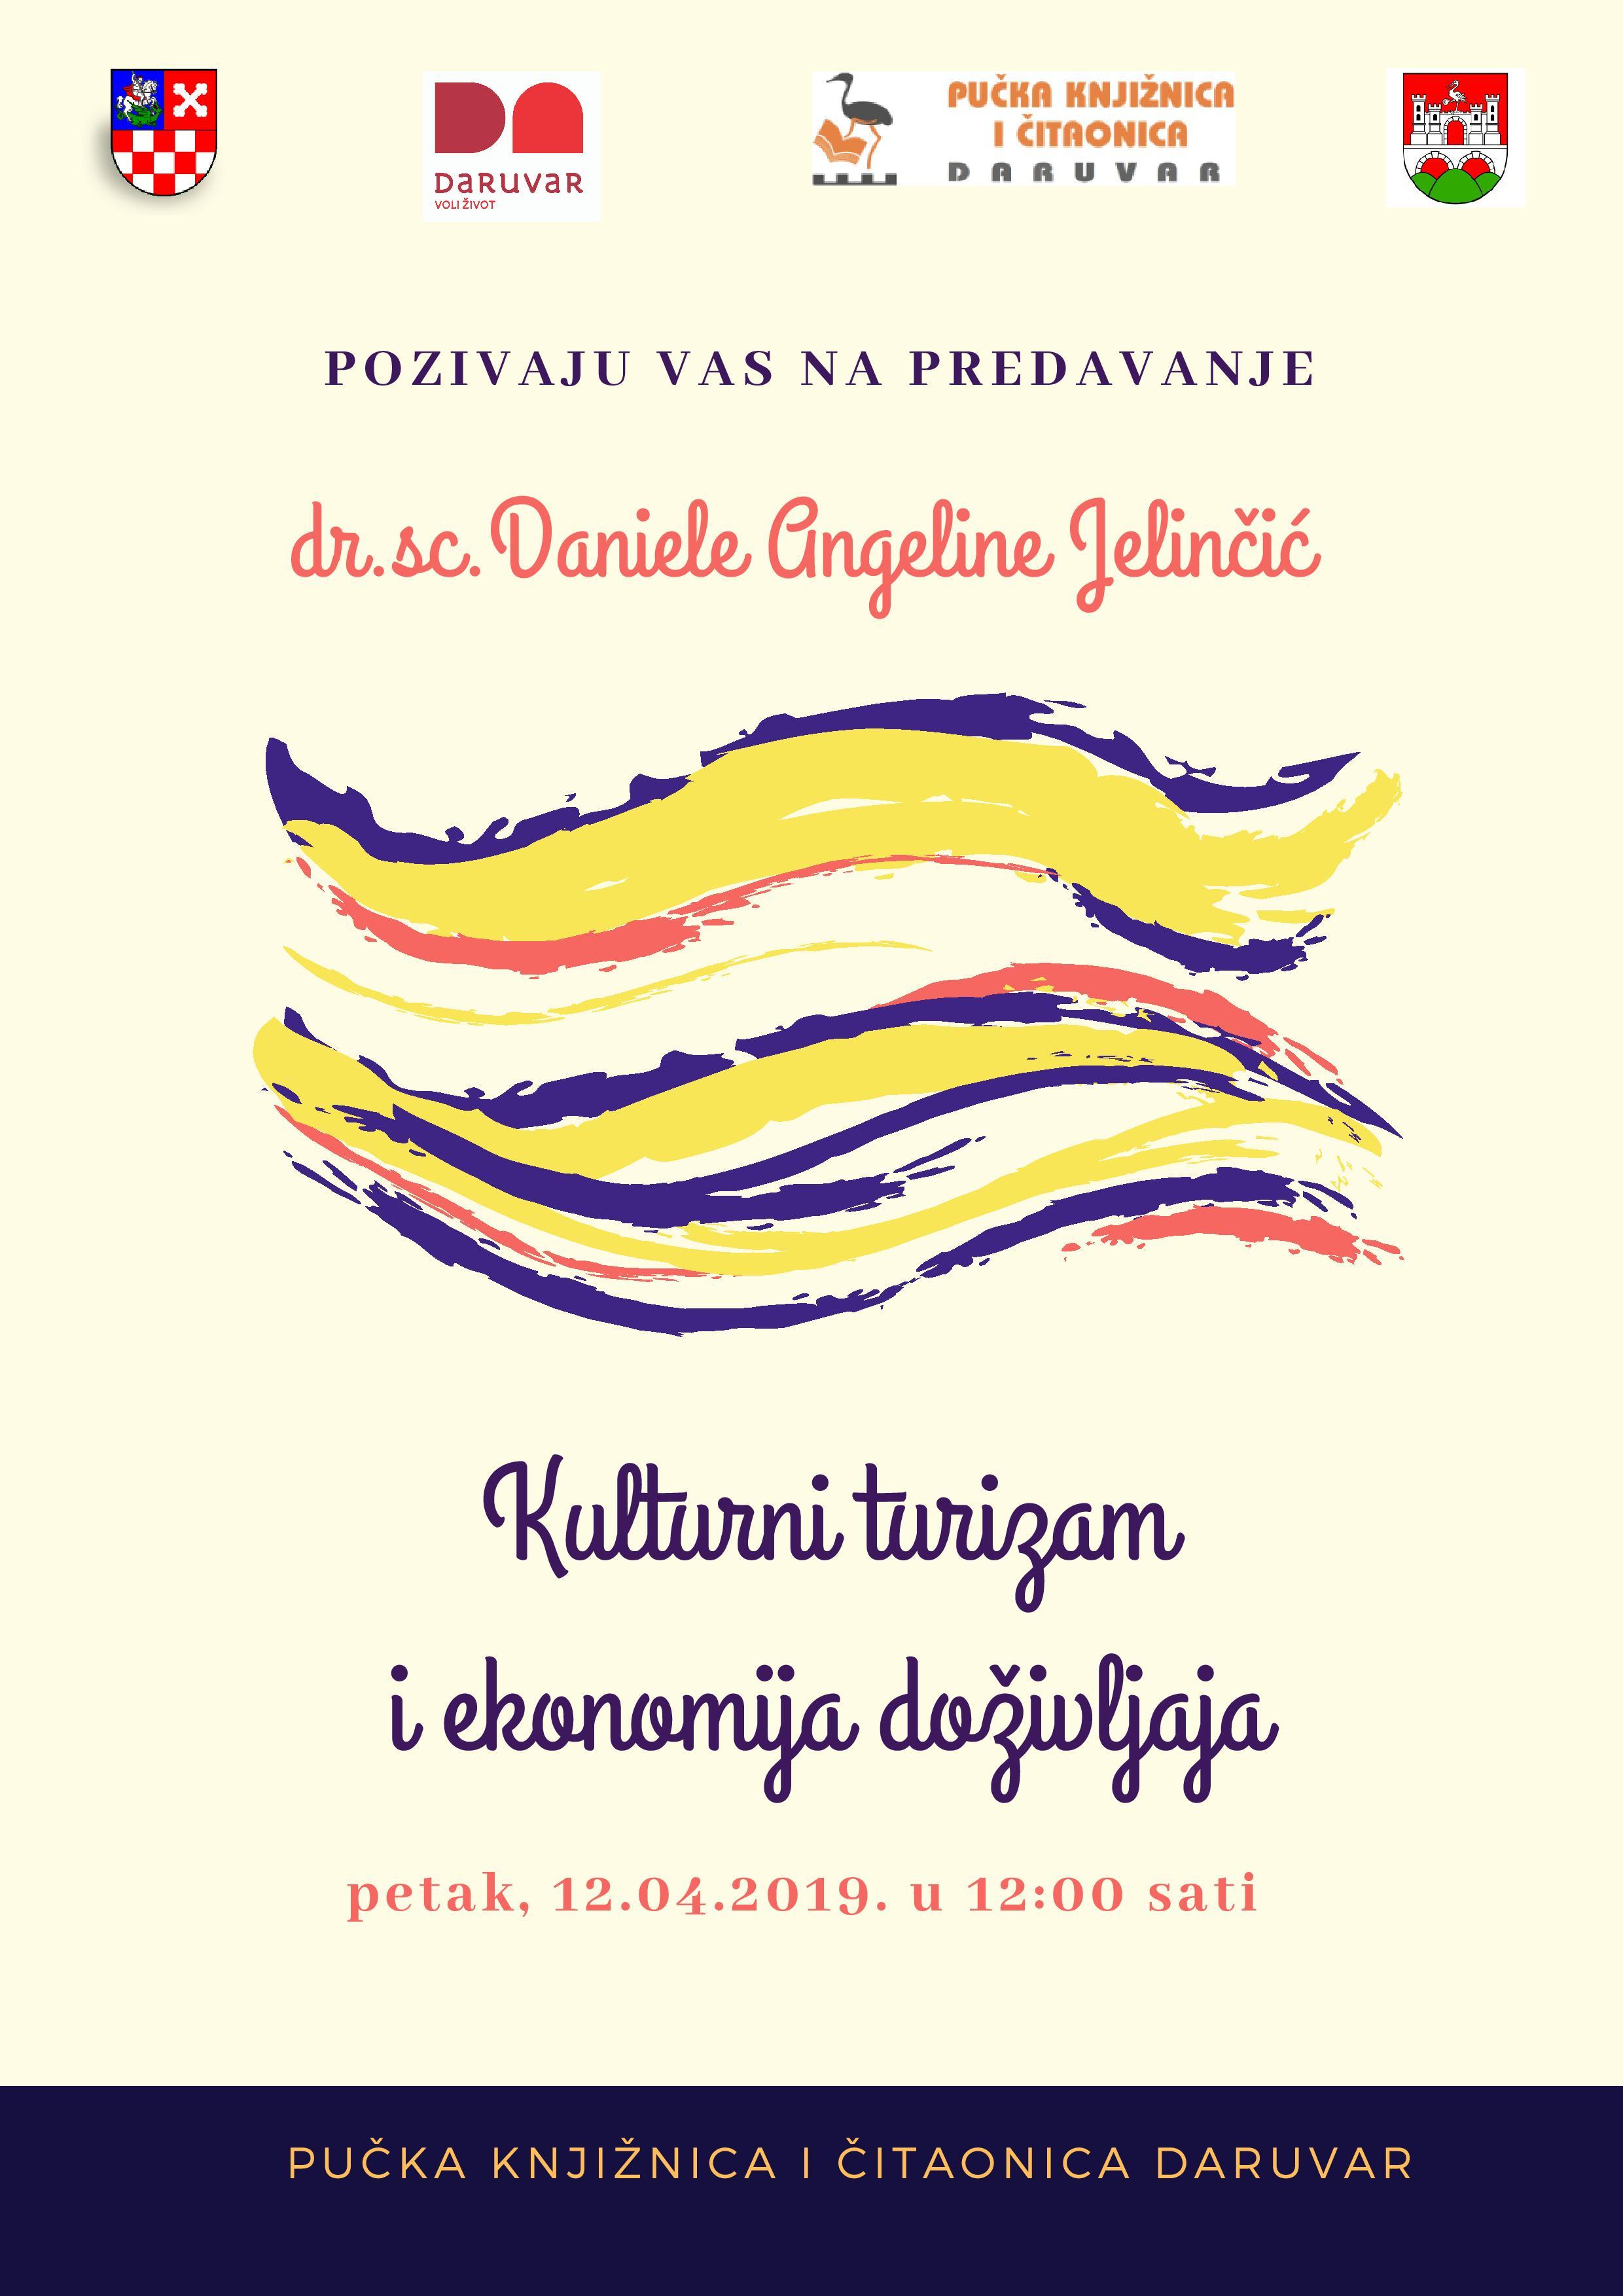 Kulturni turizam - poster-page-001